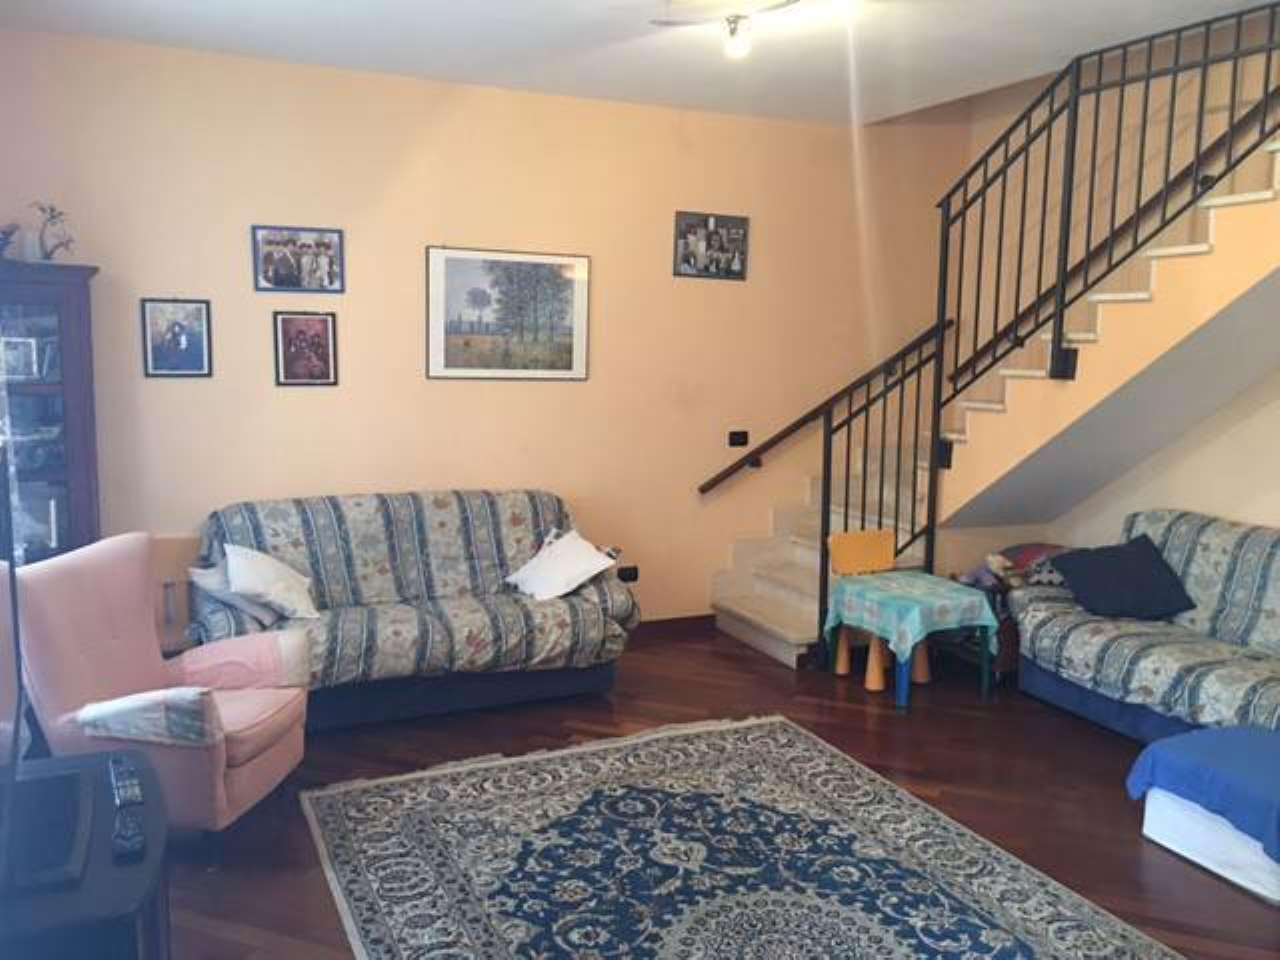 Appartamento 6 locali in vendita a Alessandria (AL)